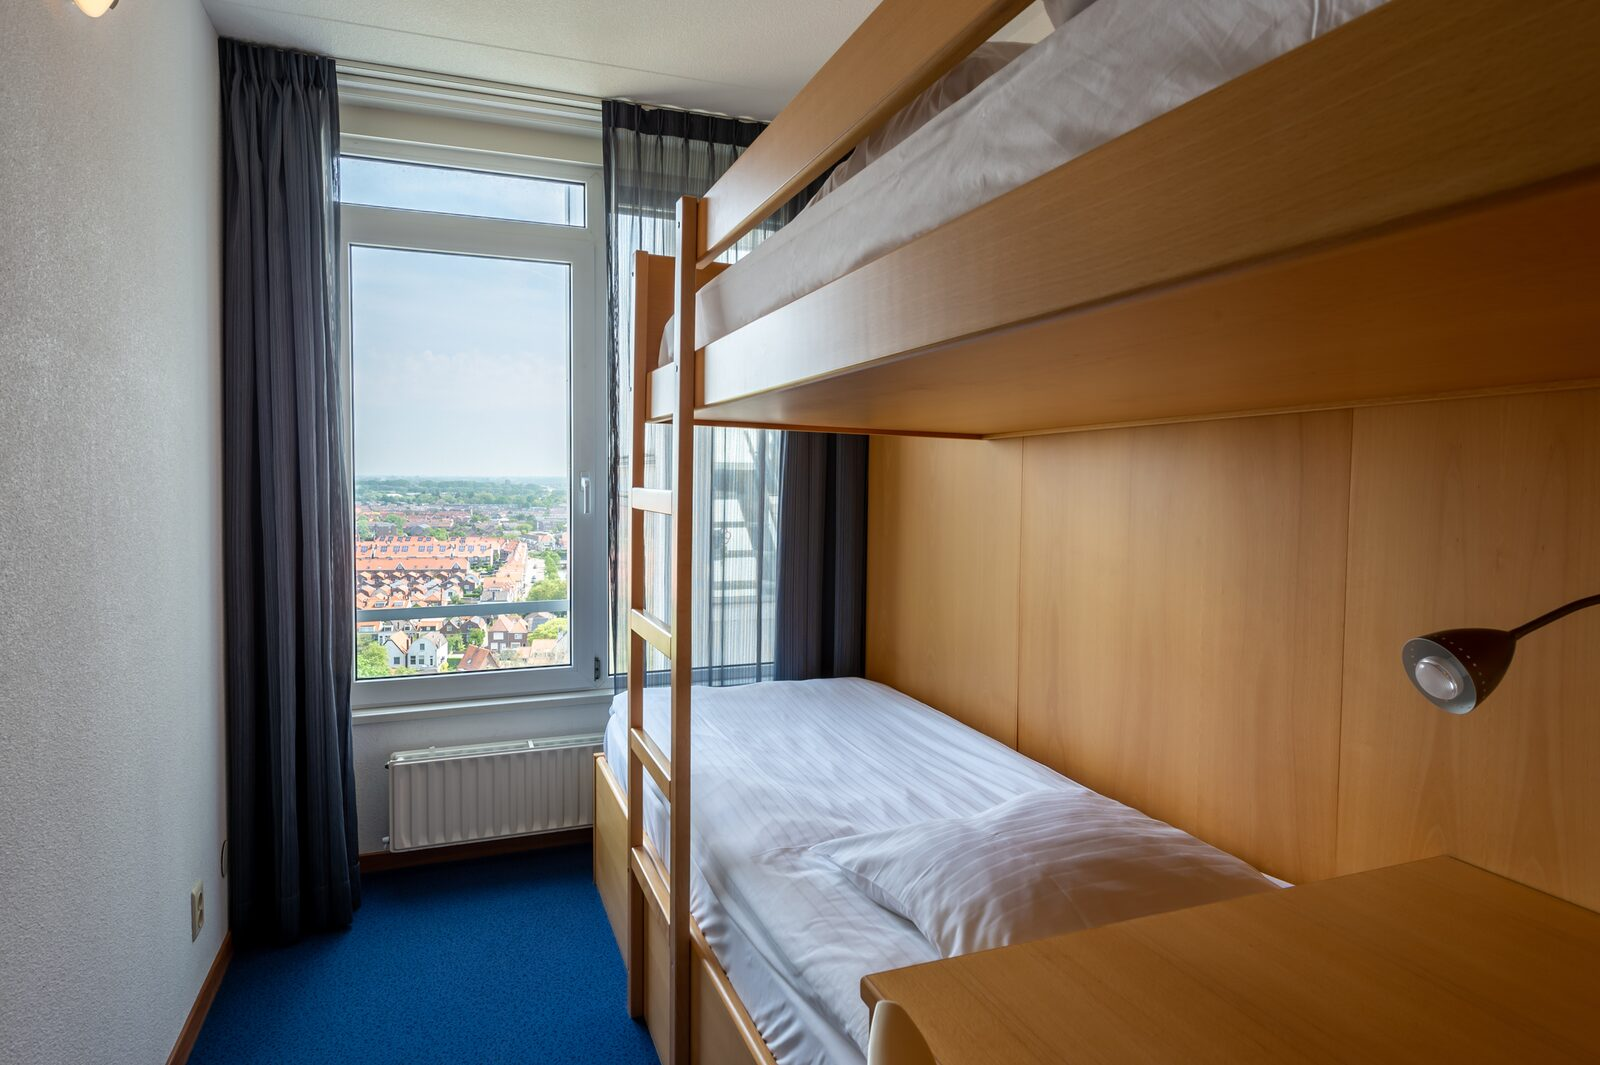 3-kamer hoek appartement met zeezicht